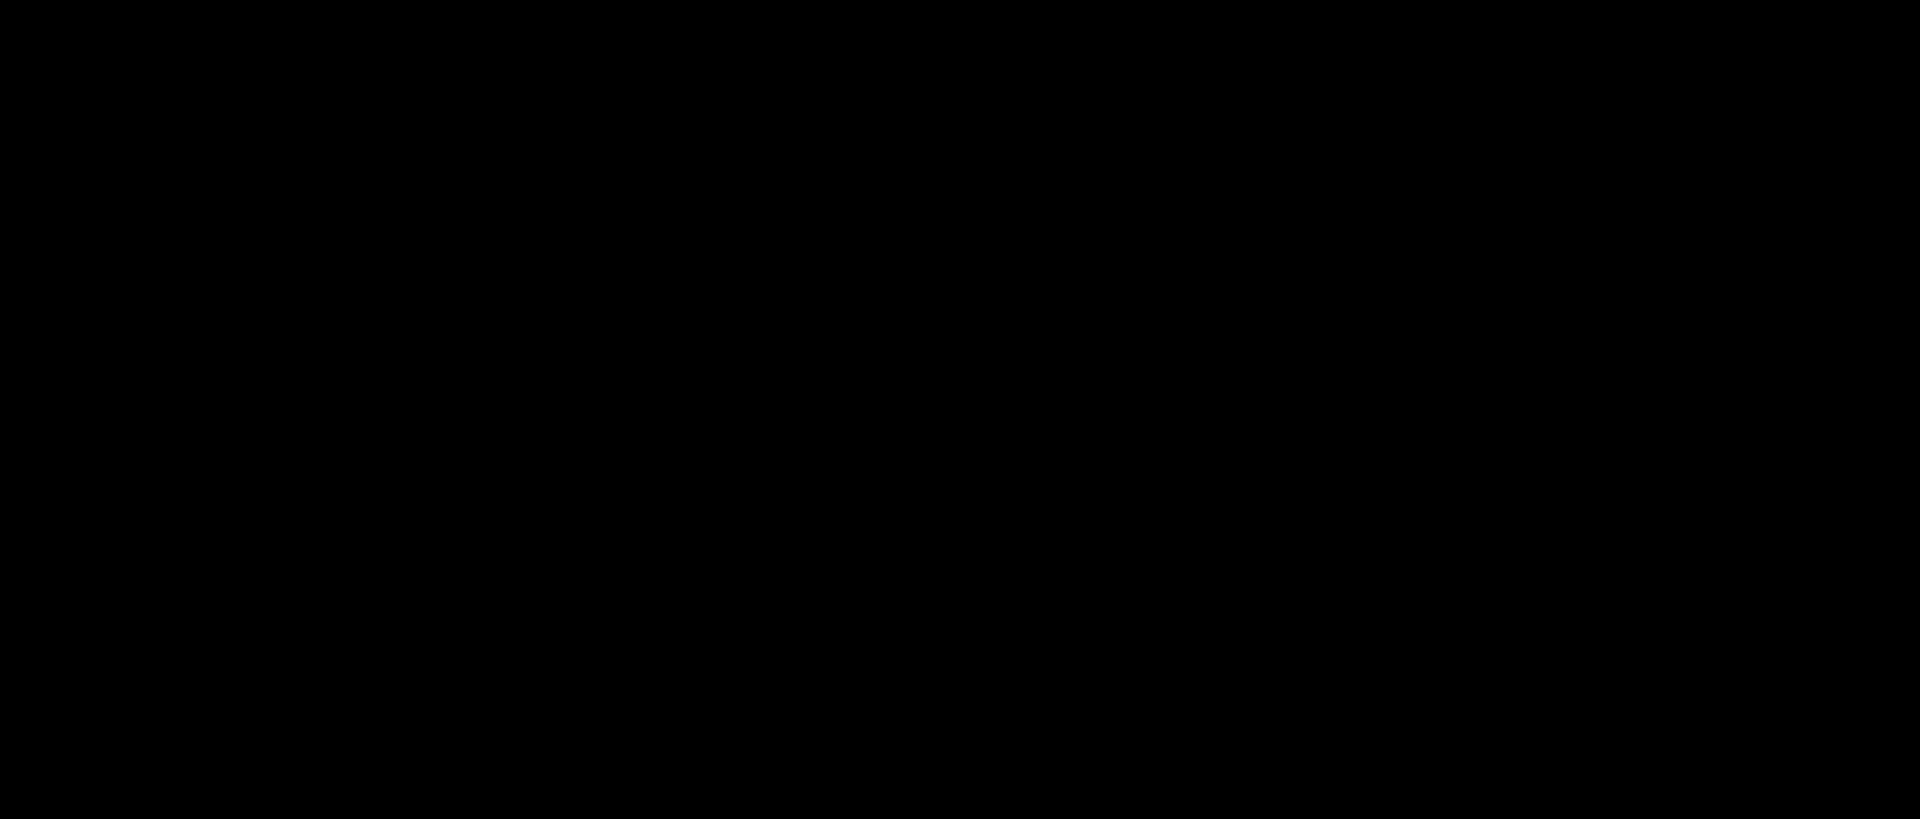 SISA_2020